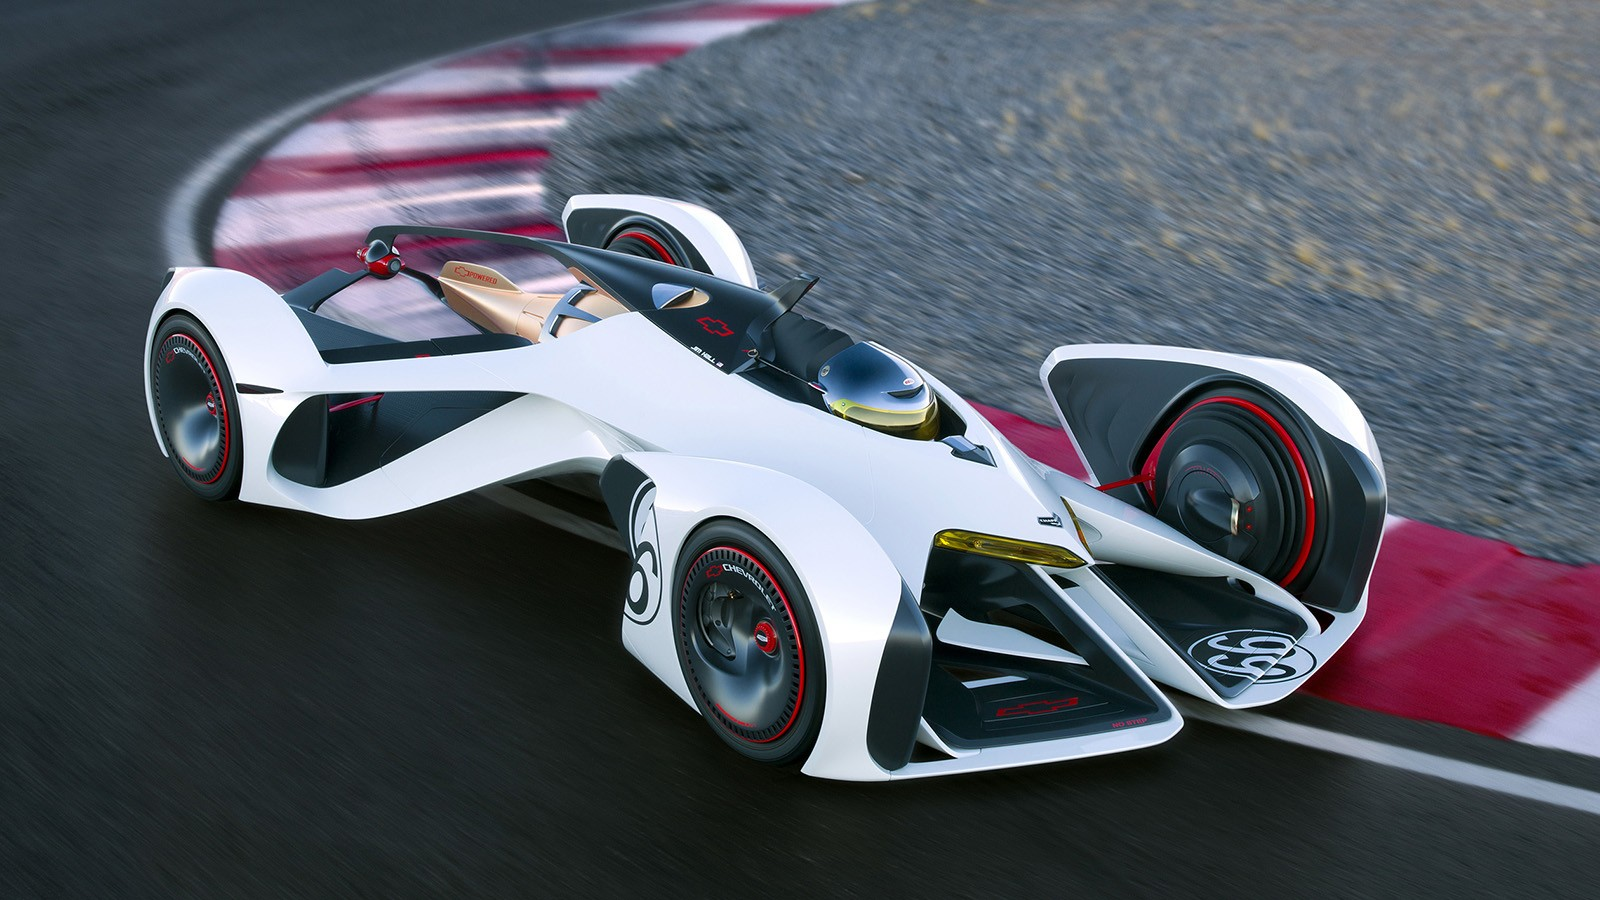 Возможно, что новый концепт Renault будет похож по способу посадки на Chevrolet Chaparral 2X Vision Gran Turismo